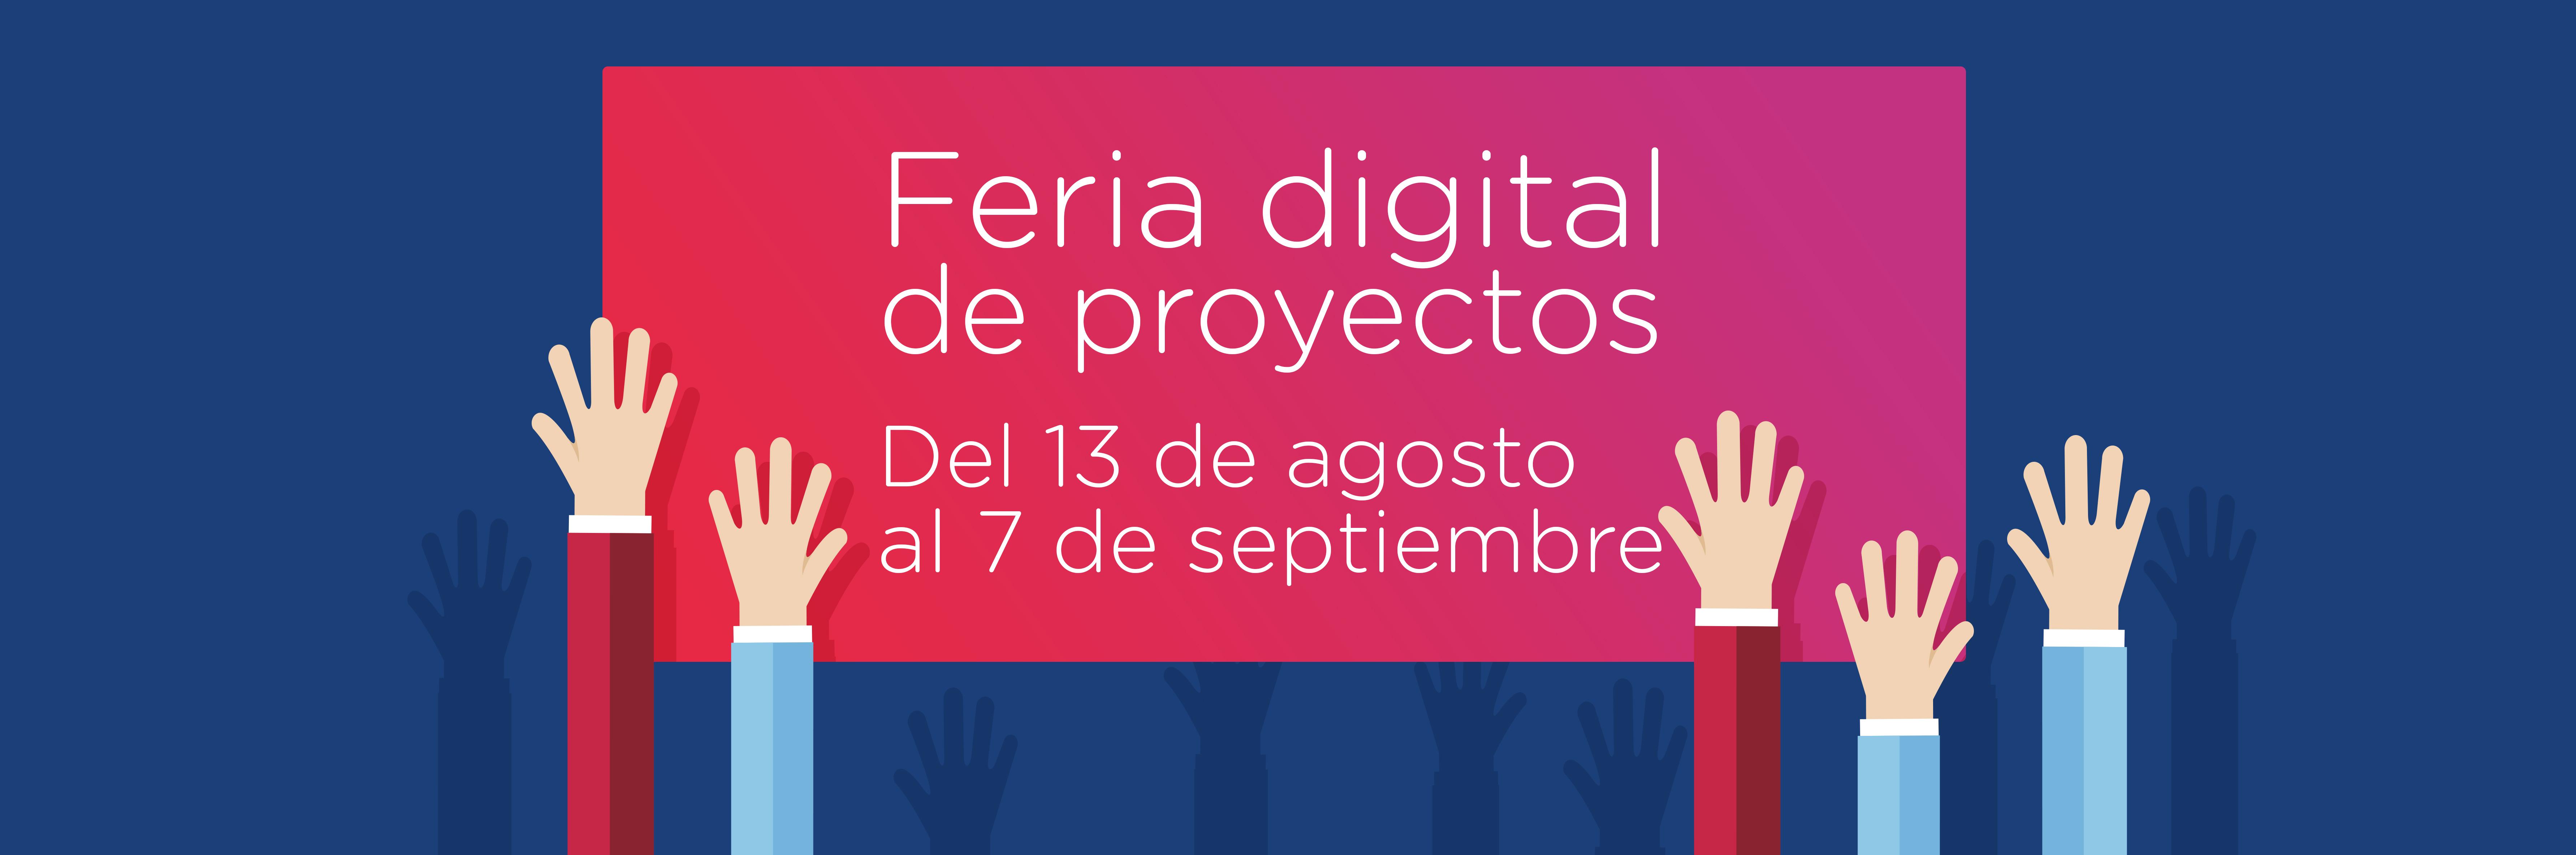 Feria de proyectos digital baner chico